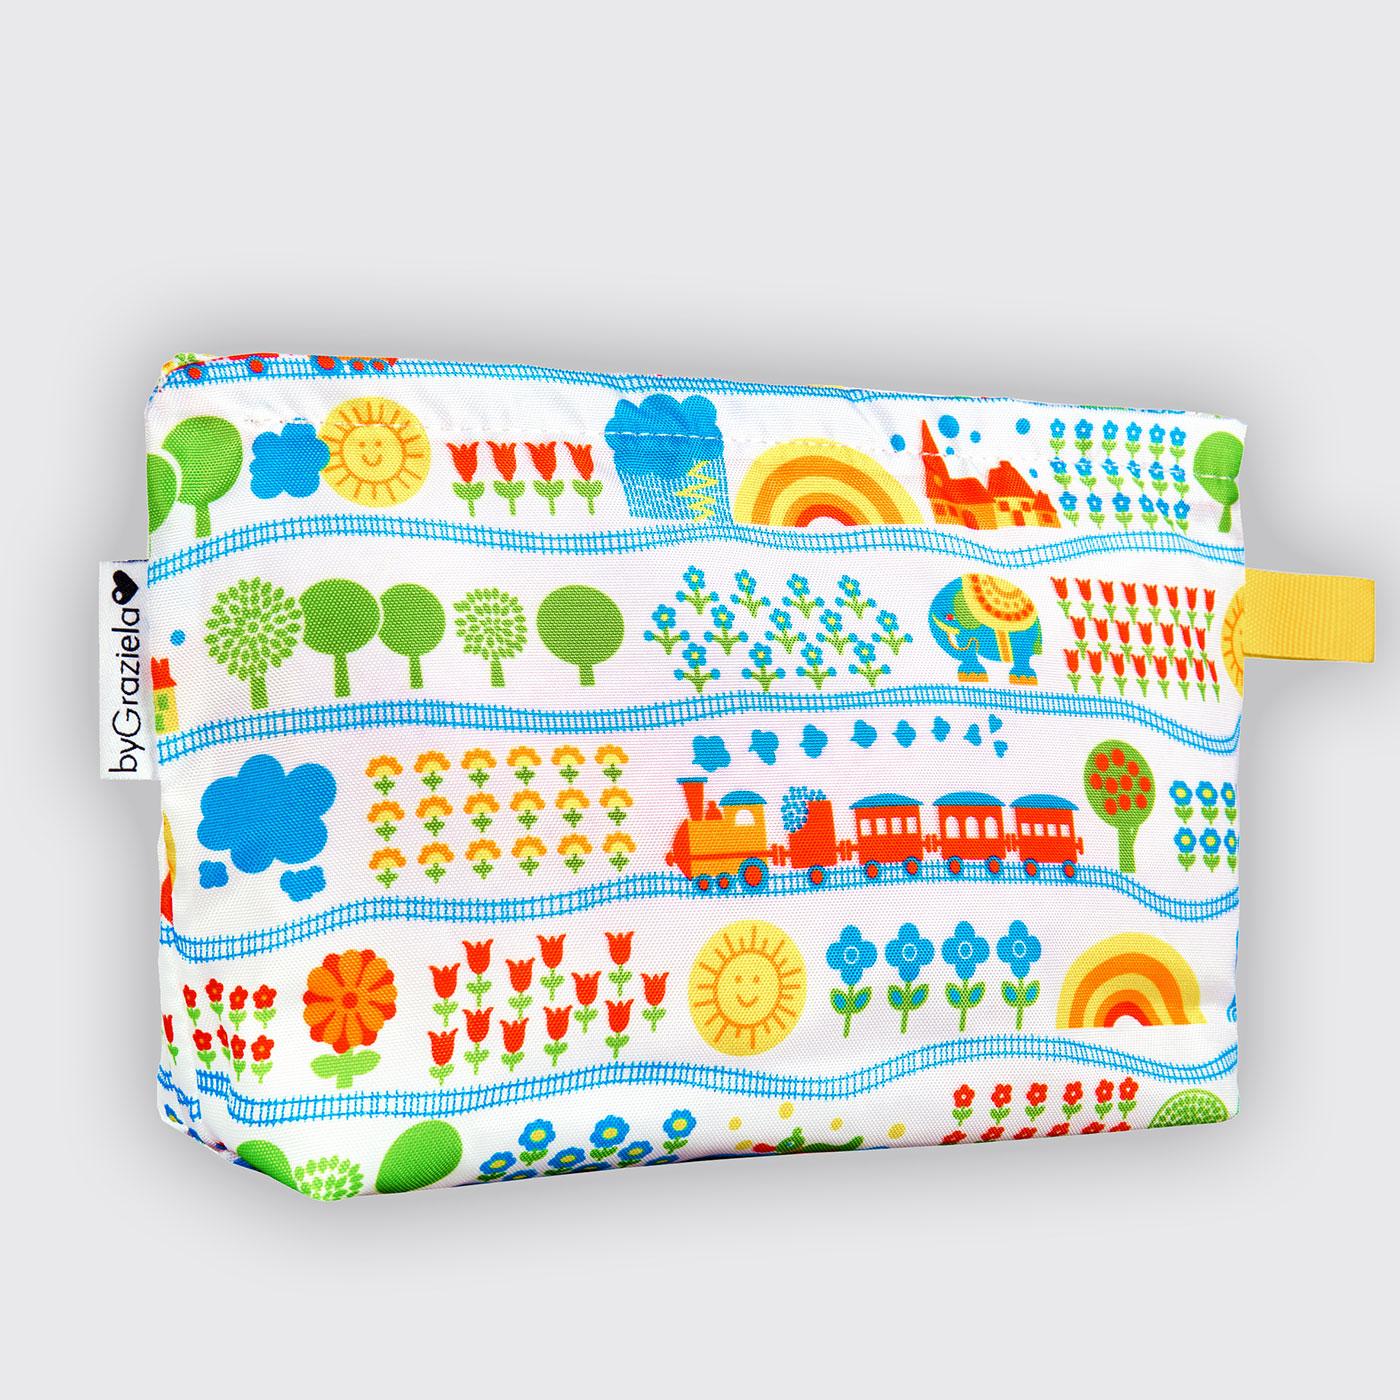 eisenbahn kulturtasche geschenke zur geburt f r kinder geschenke bygraziela. Black Bedroom Furniture Sets. Home Design Ideas